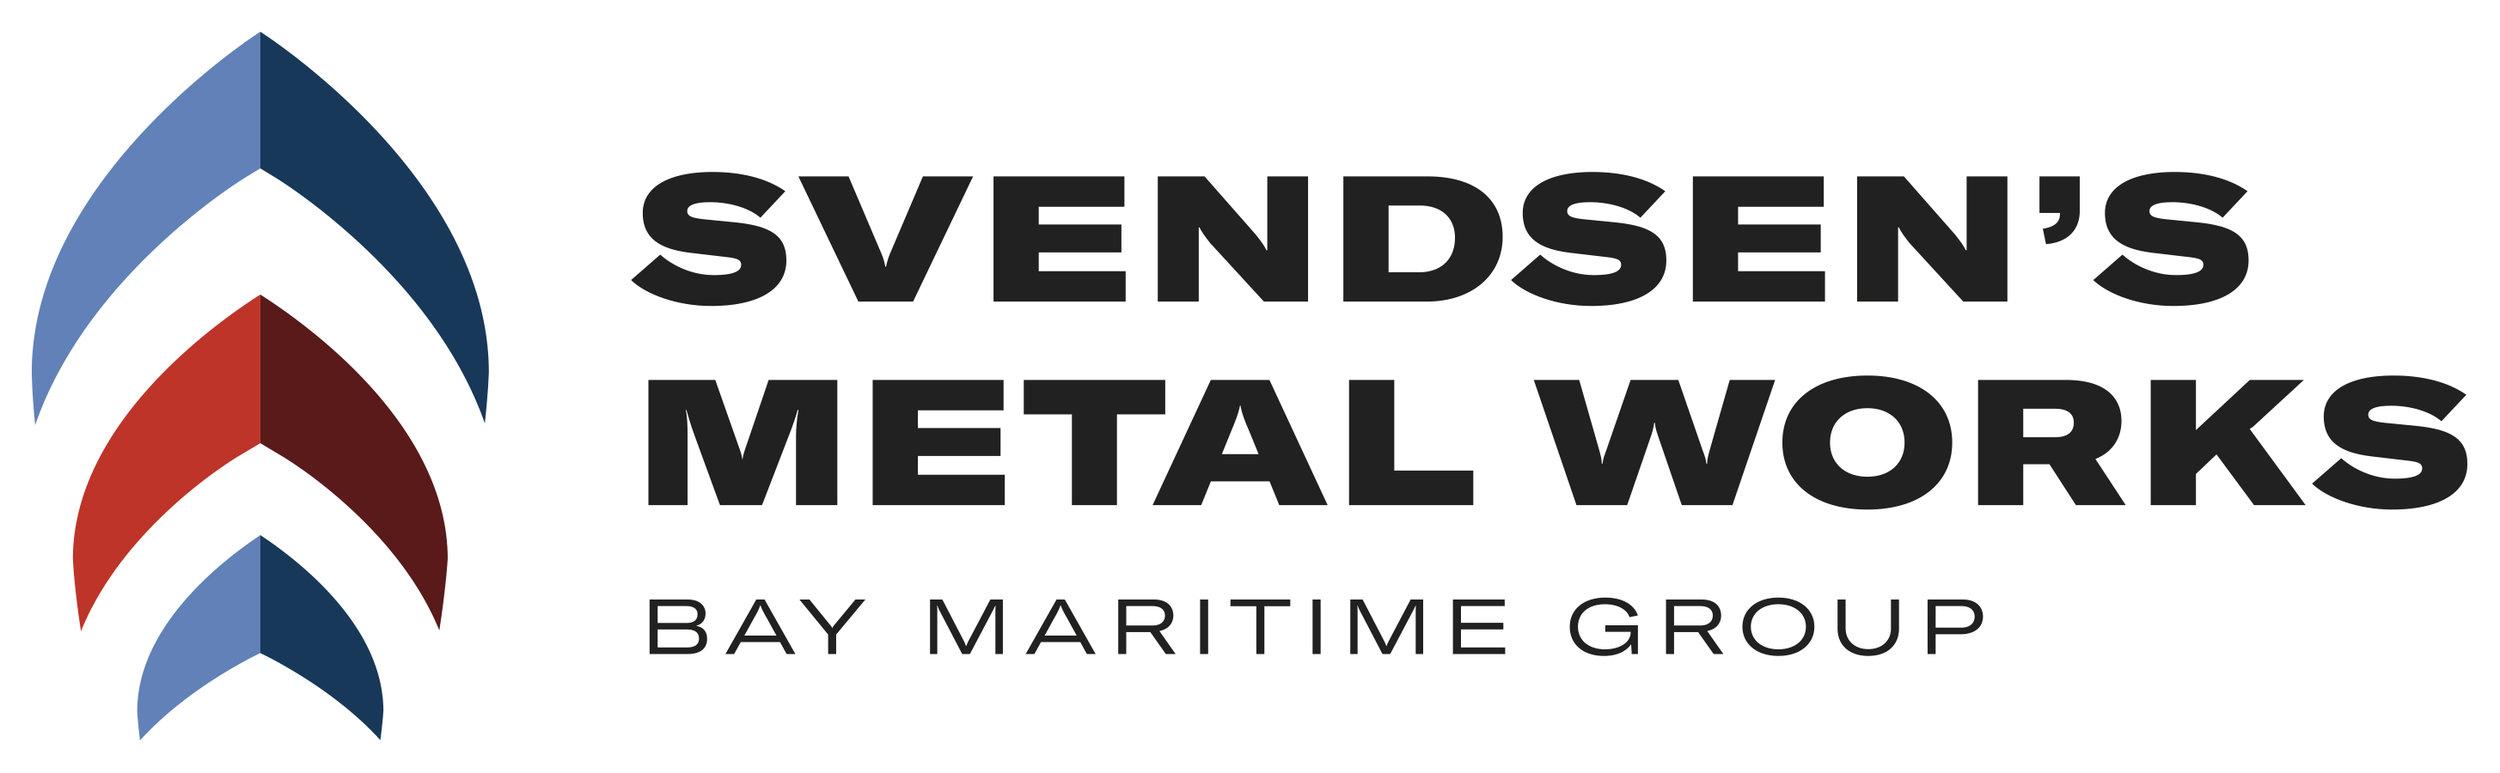 Svendsen's Metal Works